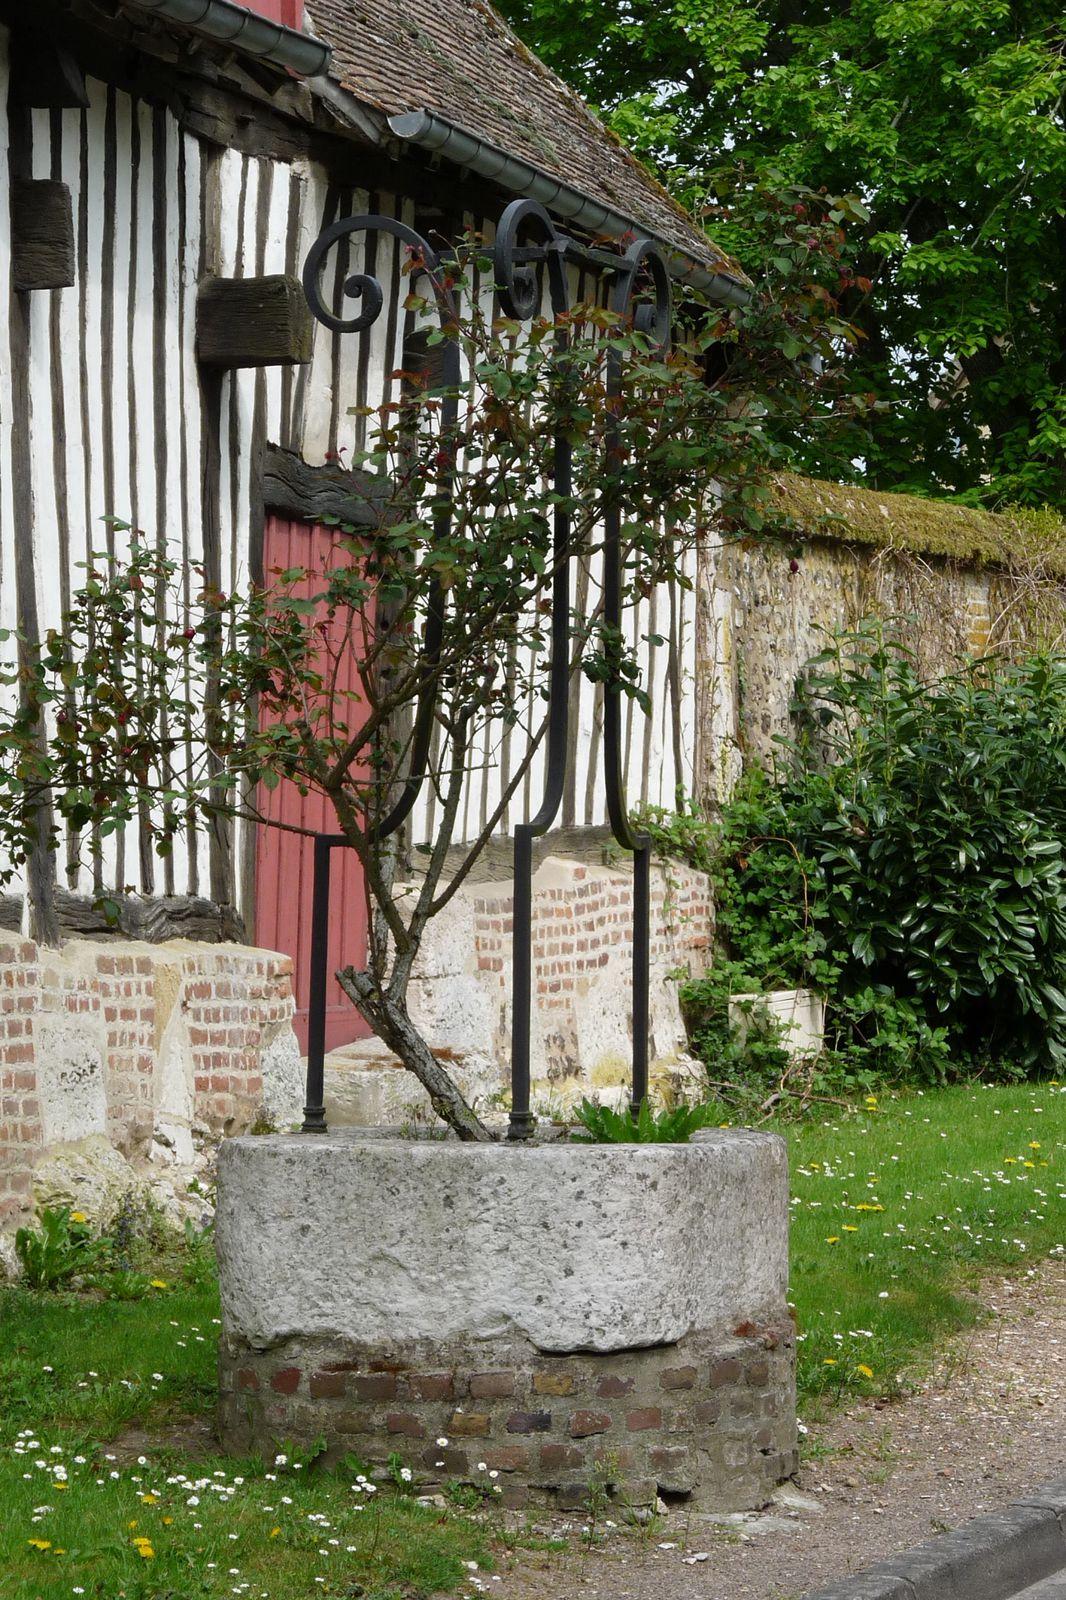 Deux très beaux puits de l'Ancien régime ornent le centre-bourg de Montaure (clichés Armand Launay, été 2013).